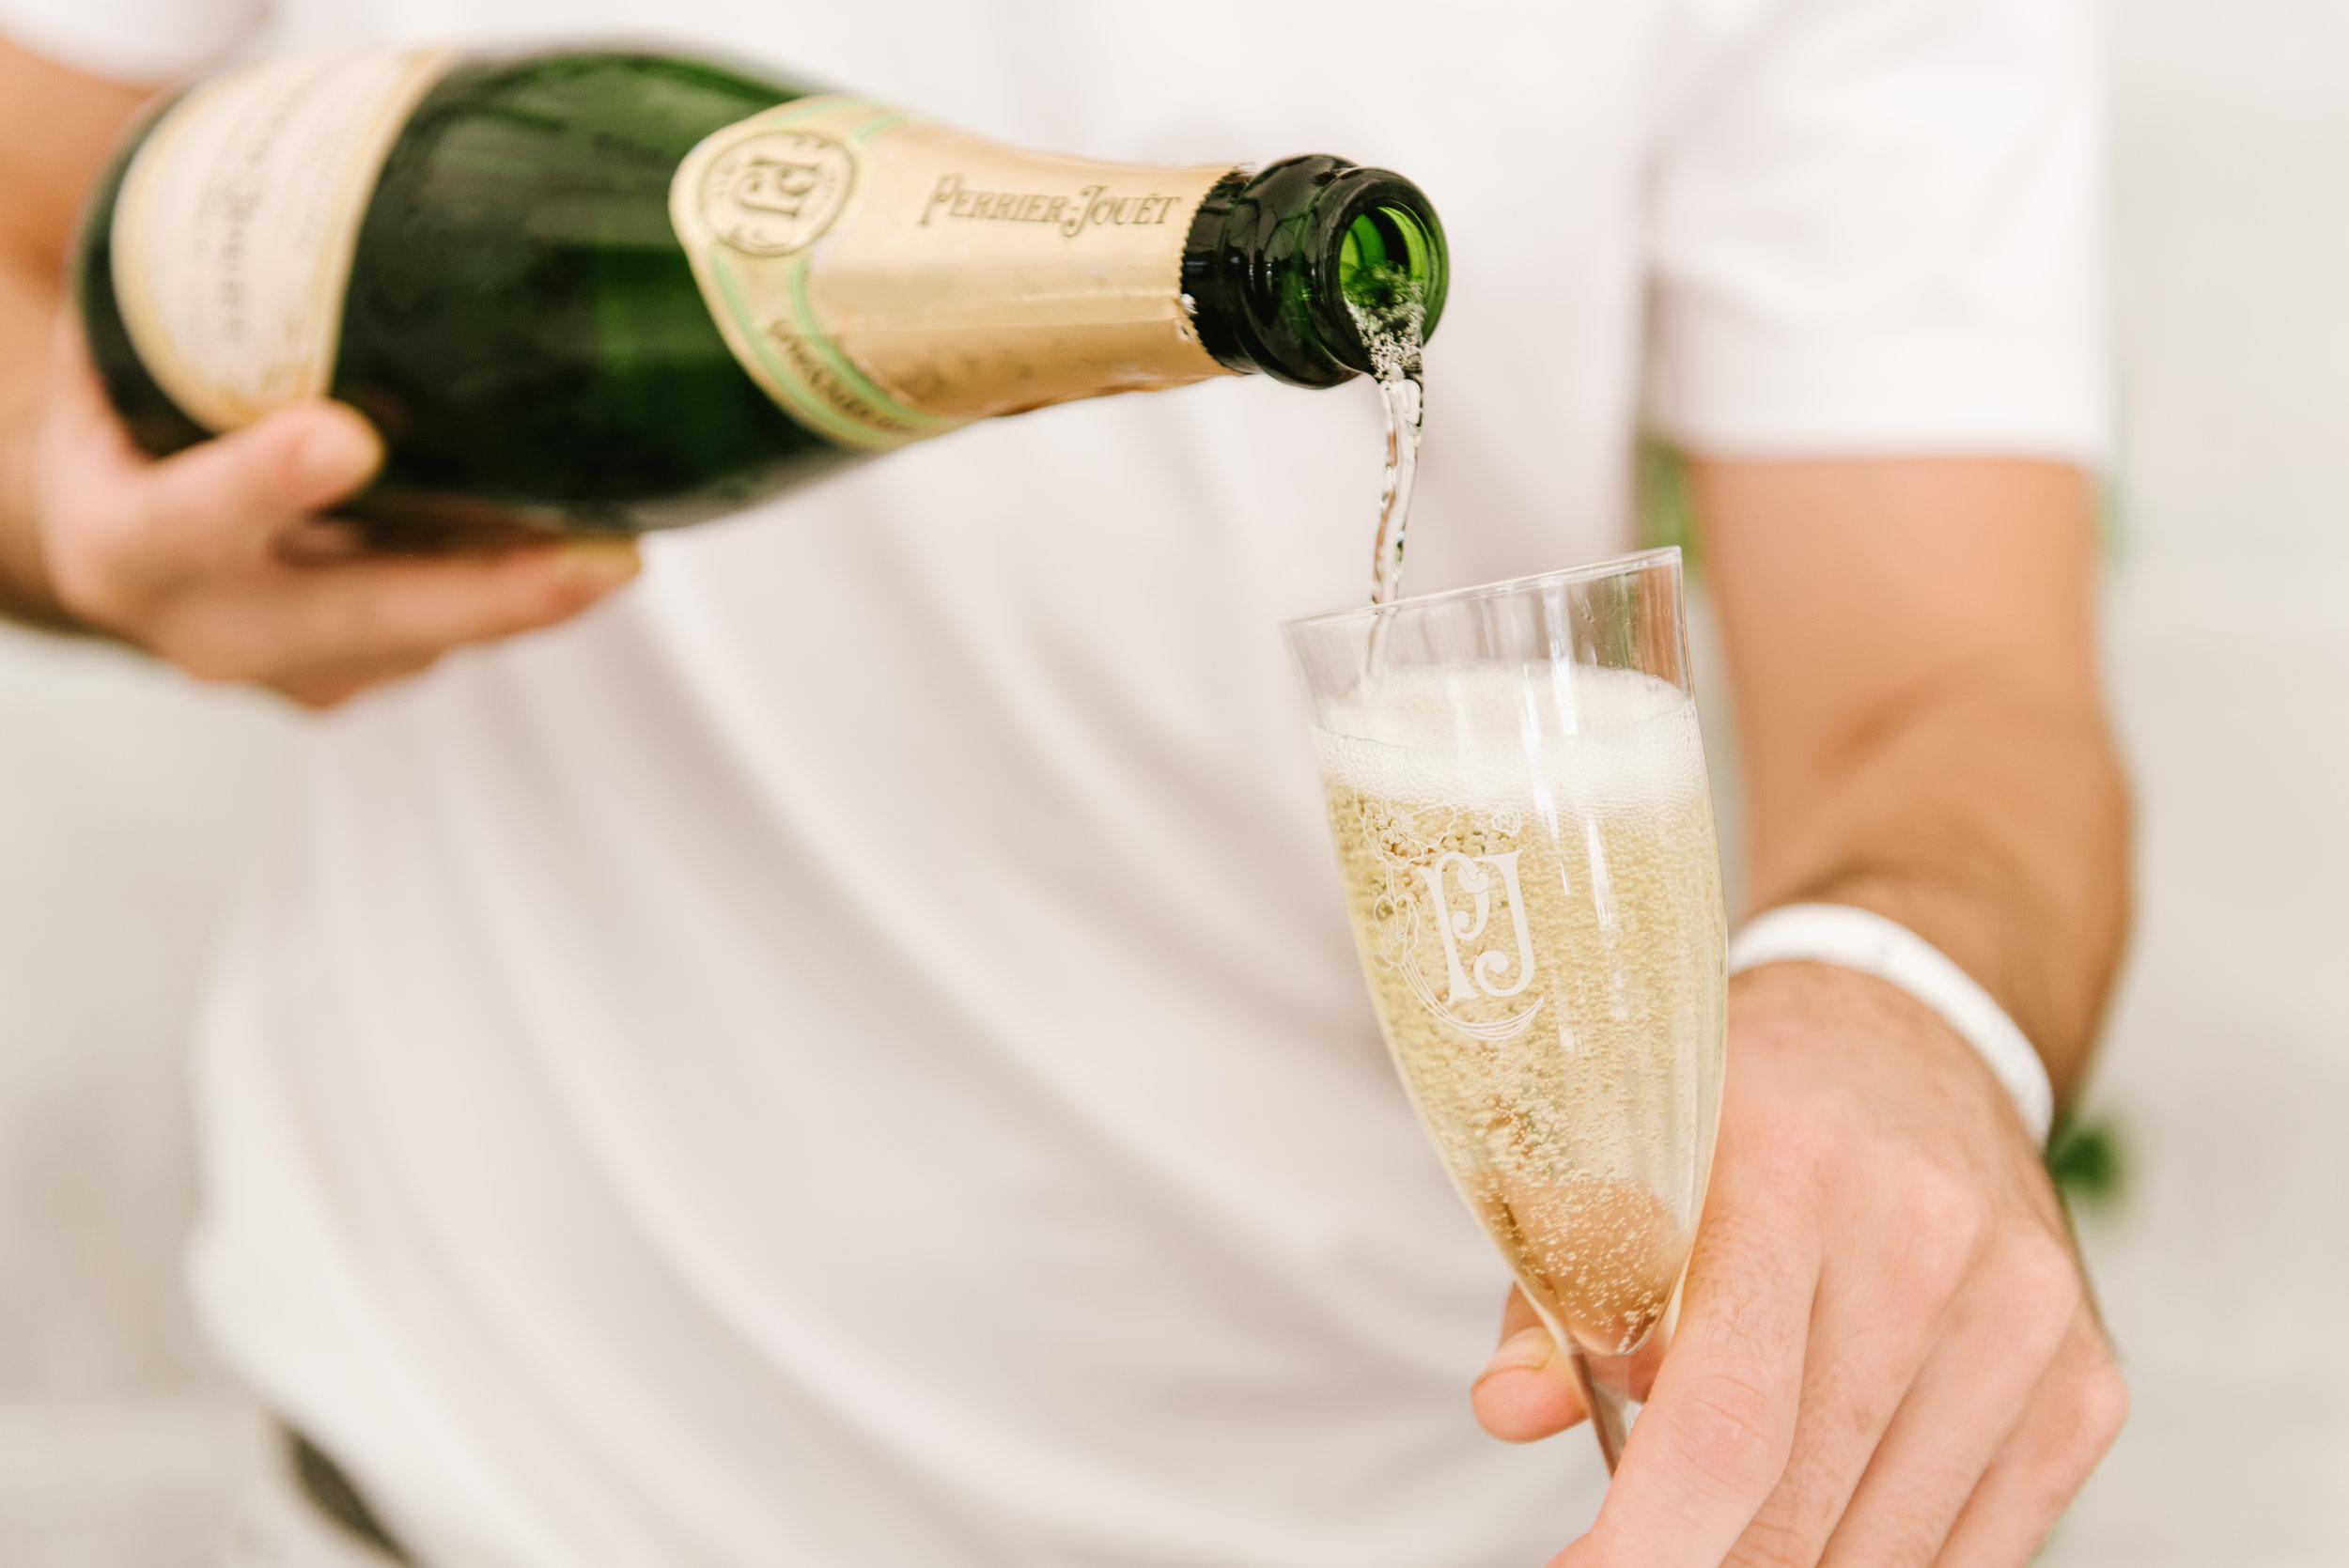 Pernod Ricard_Perrier Jouet_Cole Beal-16.jpg